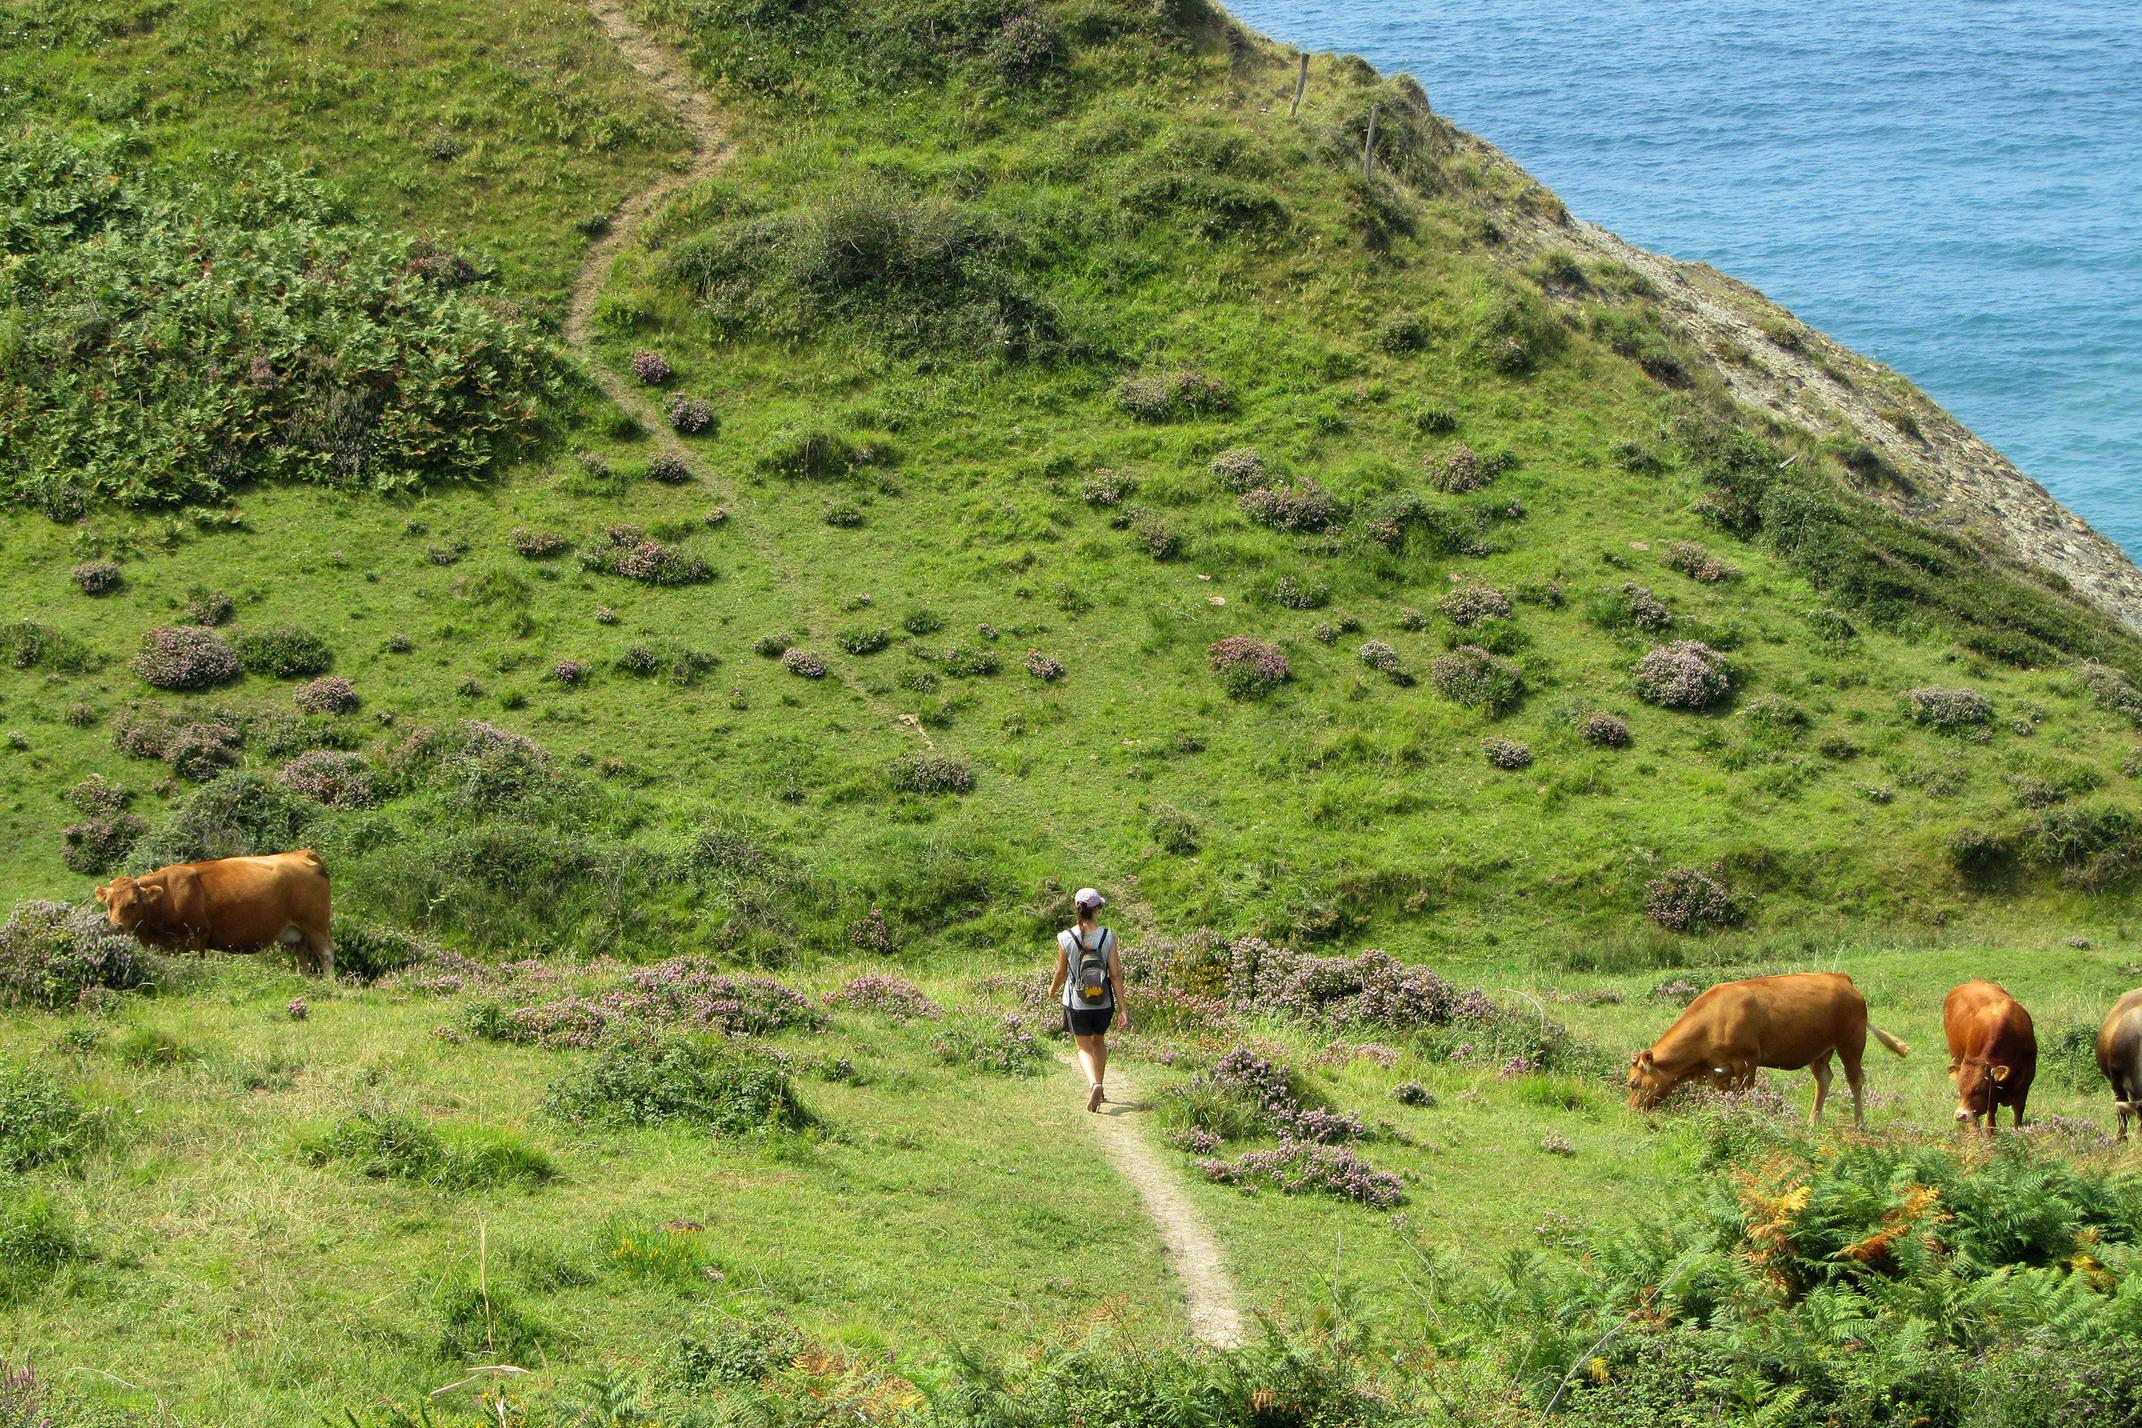 Spain basque inn to inn camino del norte zumaia cliffs hiker